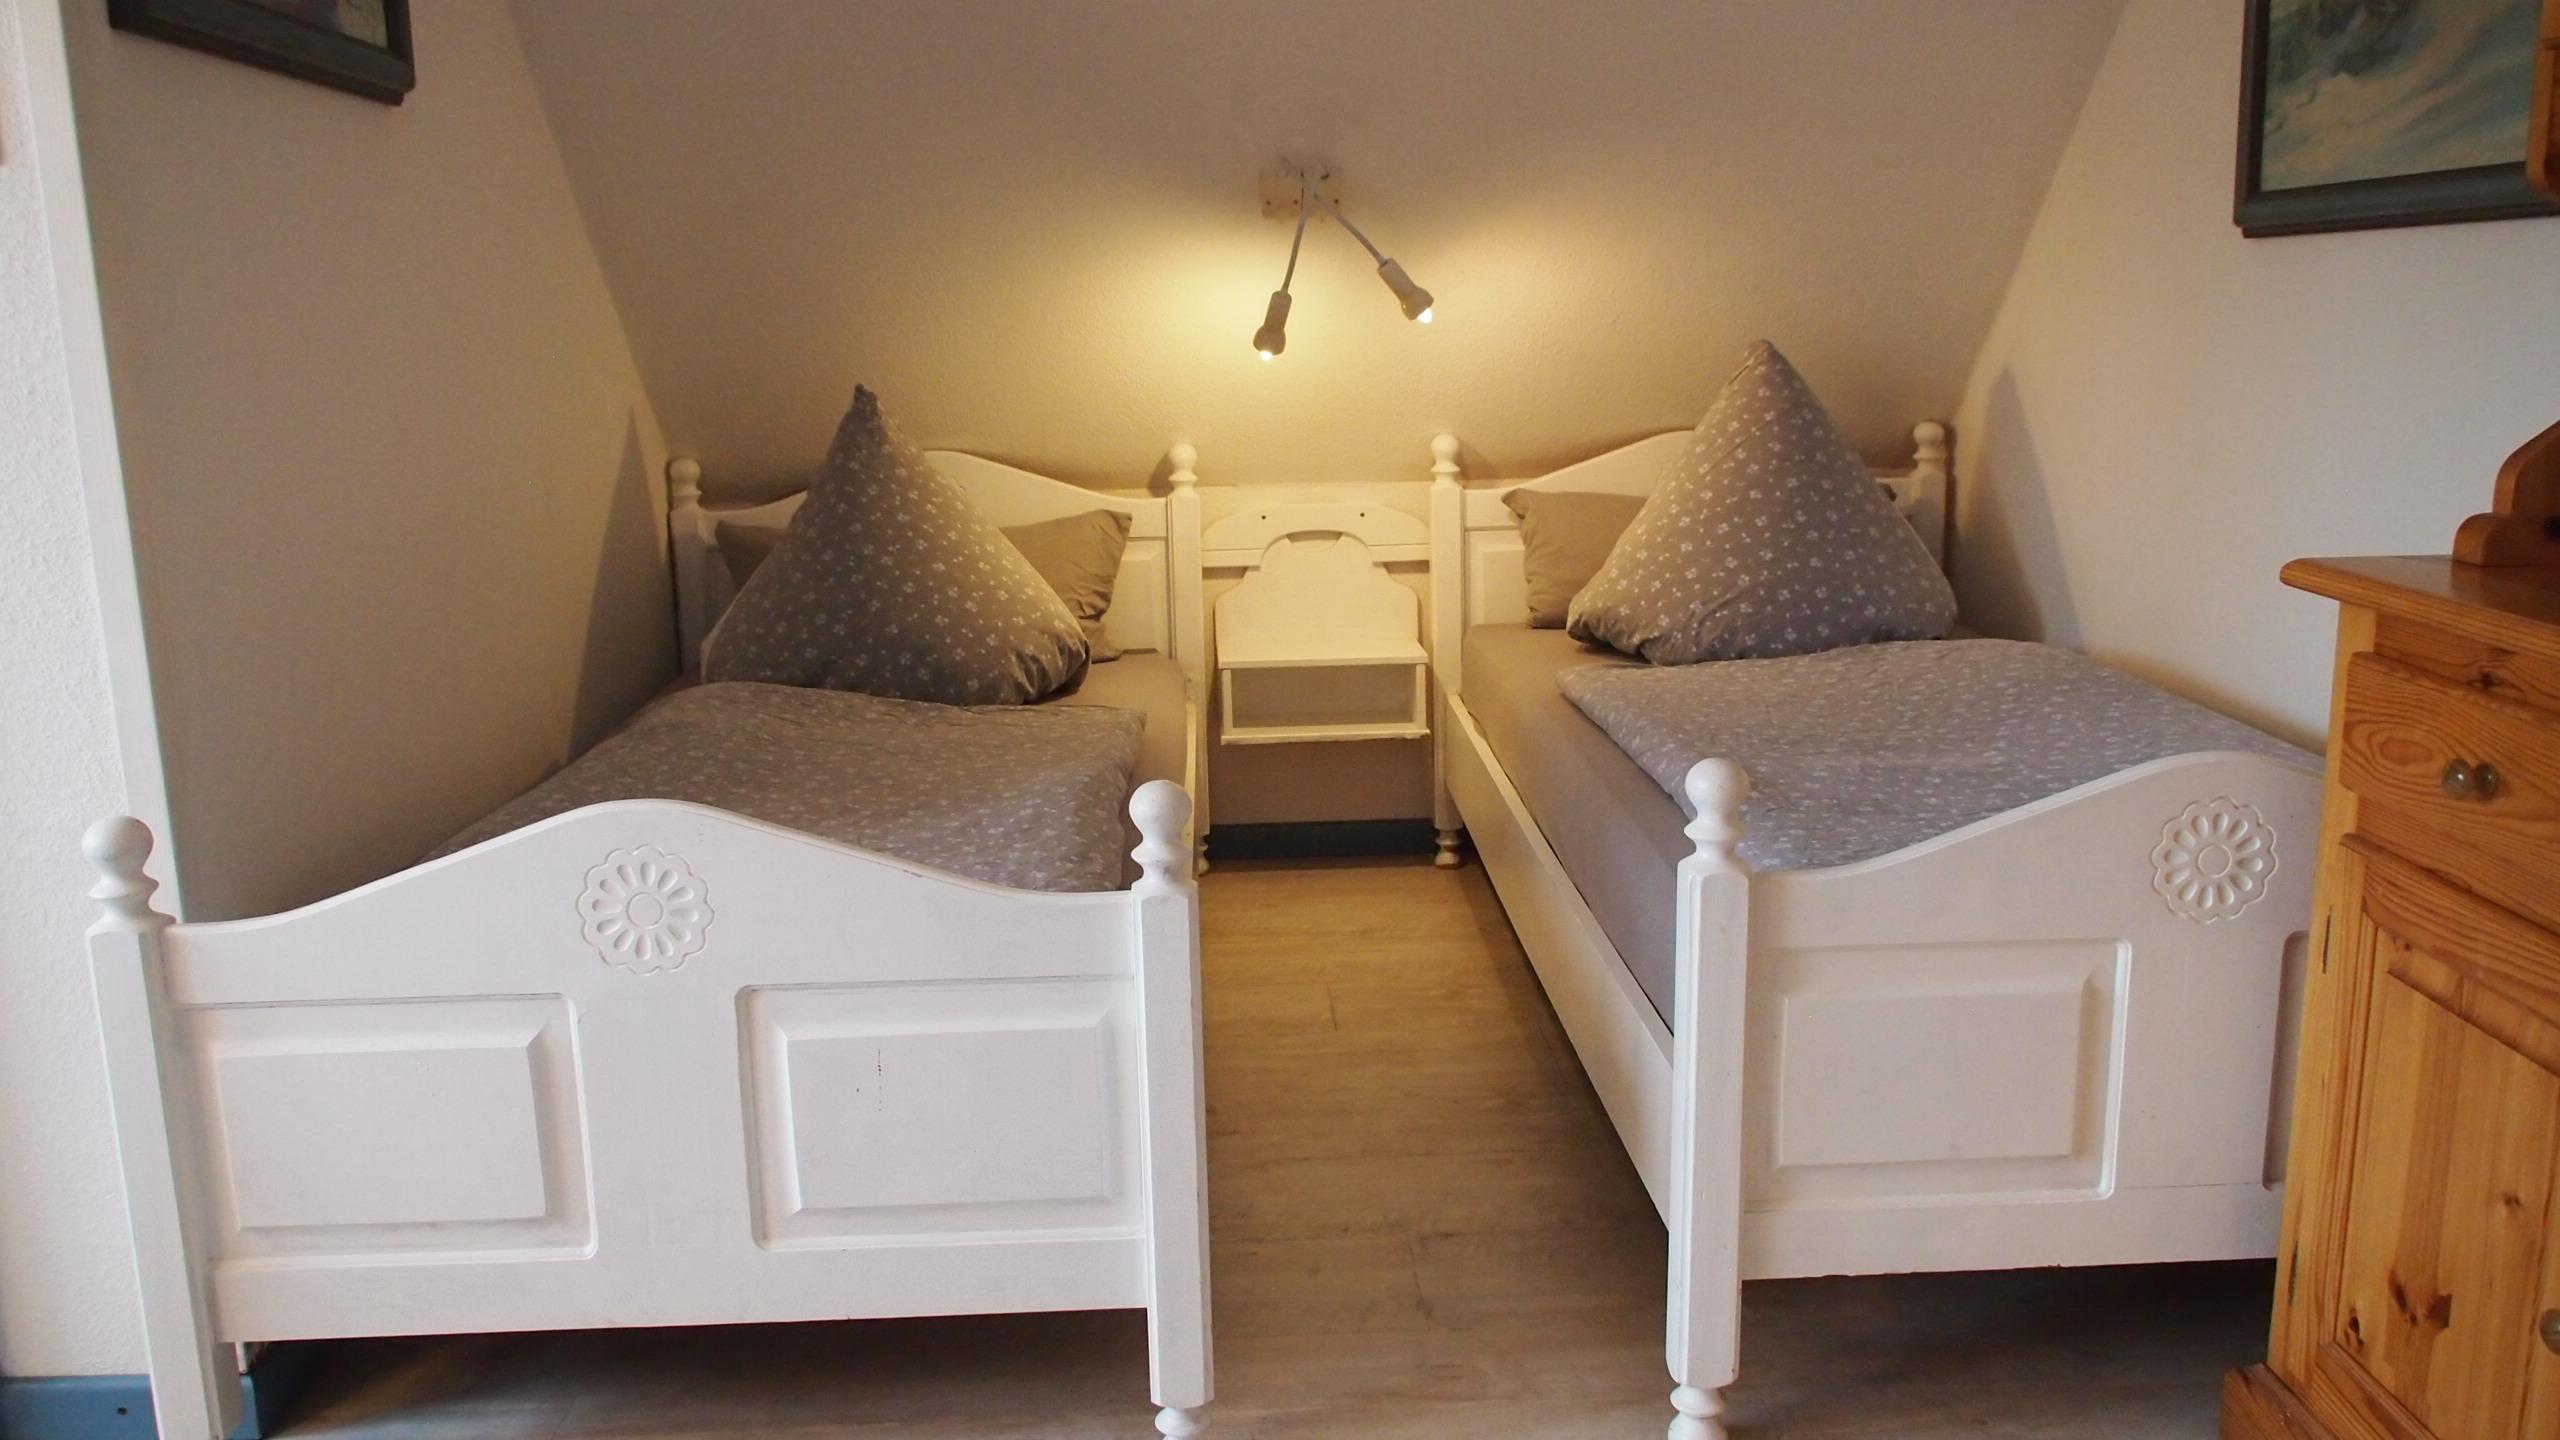 stuhl ablage schlafzimmer lattenroste zum einstellen kamelhaarflaum bettdecken team 7 kommode. Black Bedroom Furniture Sets. Home Design Ideas